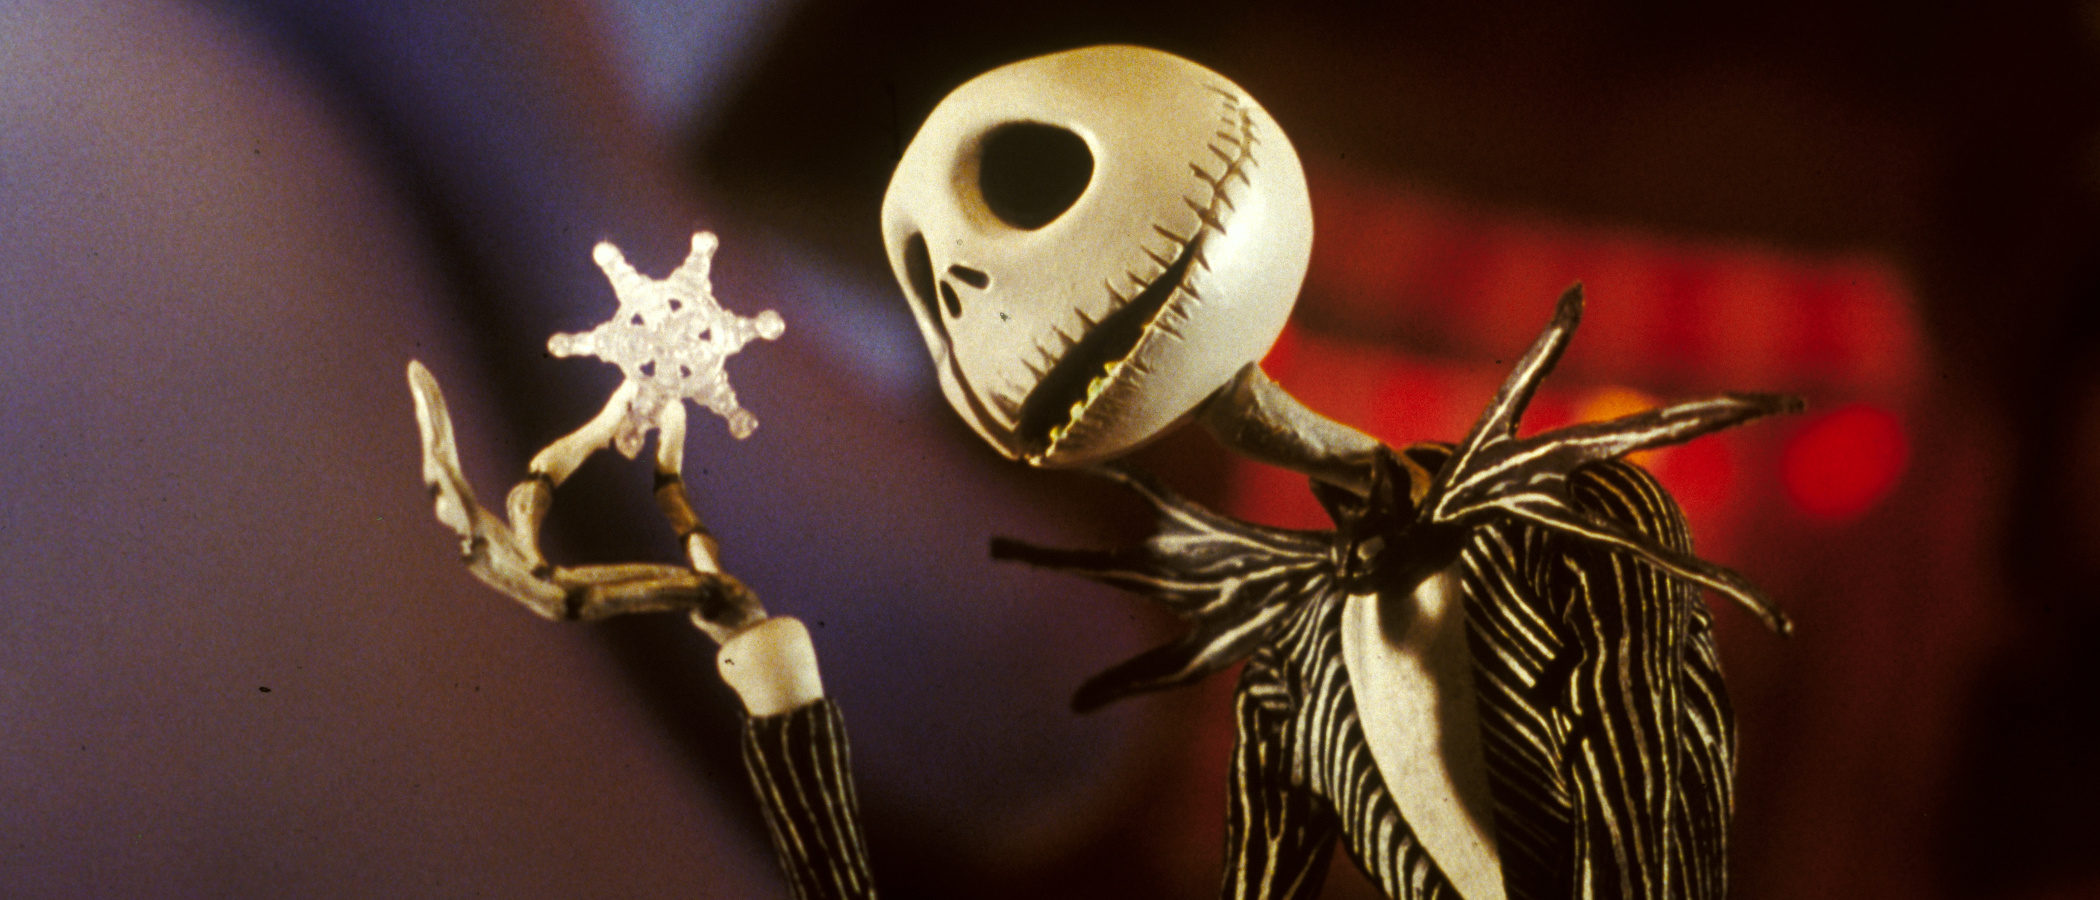 Paso a paso: Disfraz de Jack de 'Pesadilla antes de Navidad' para Halloween